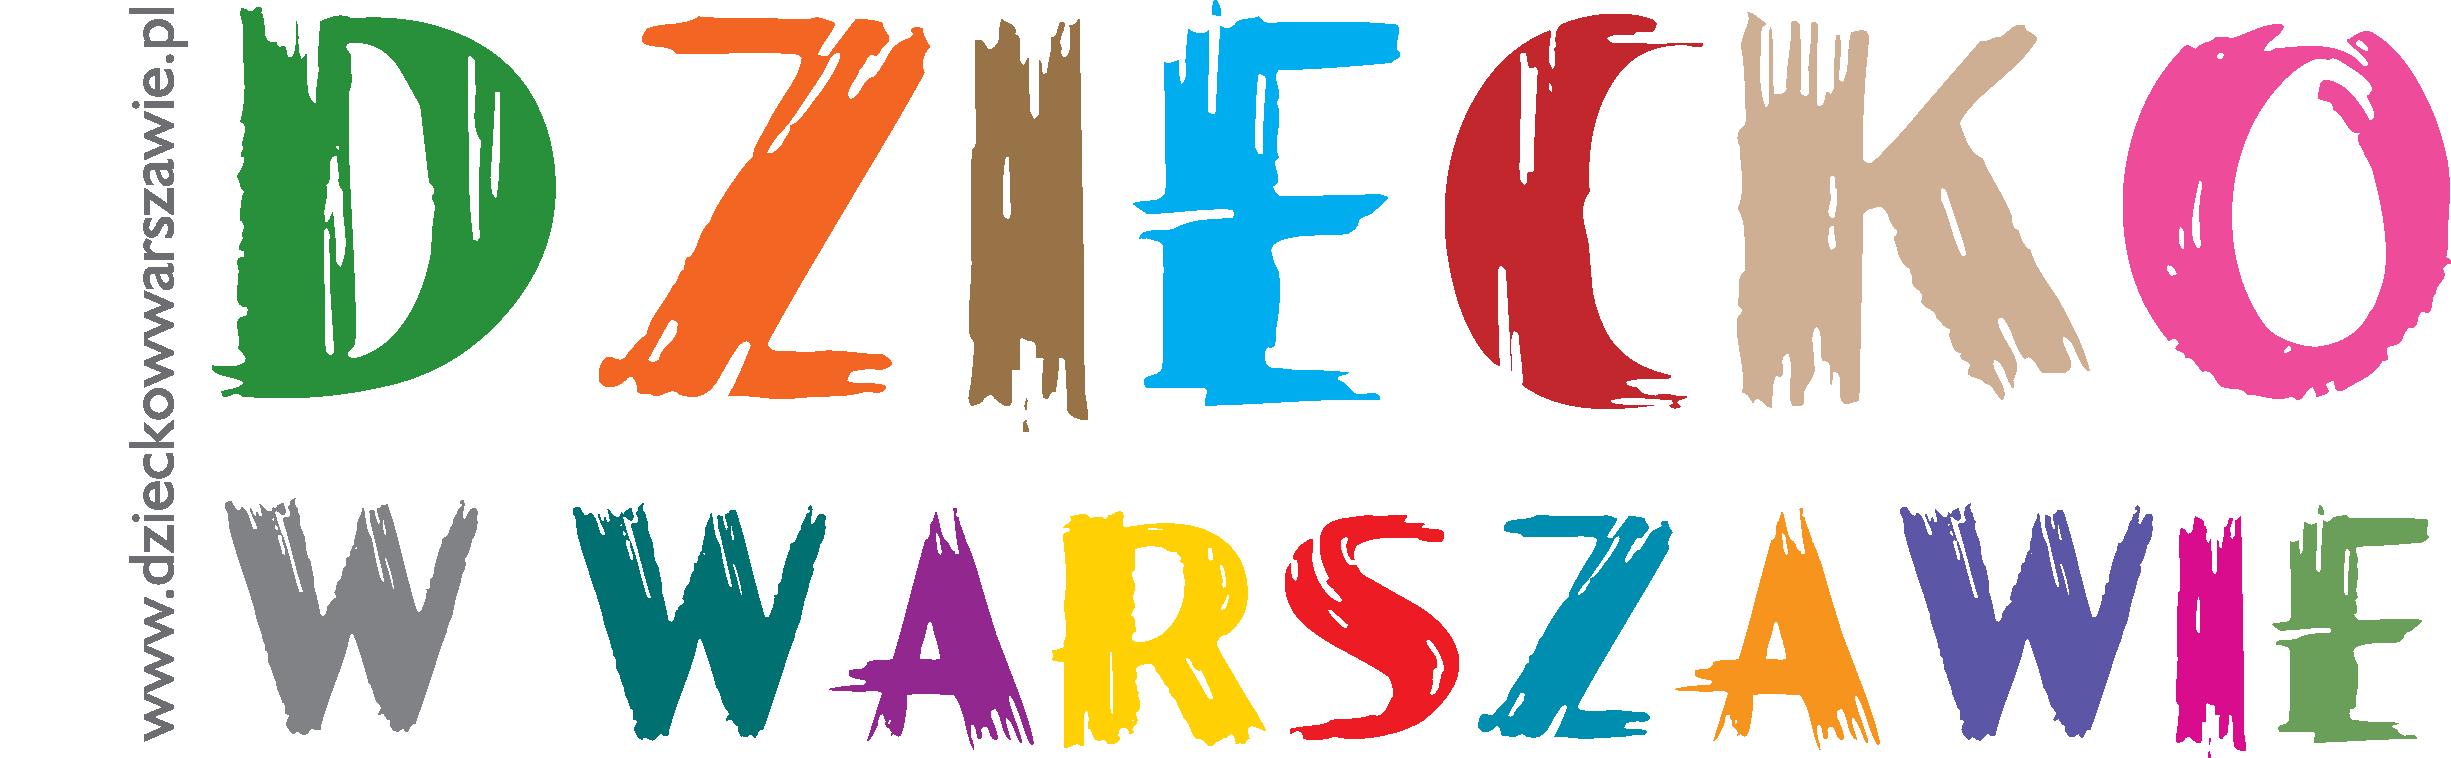 logo dziecko w warszawie